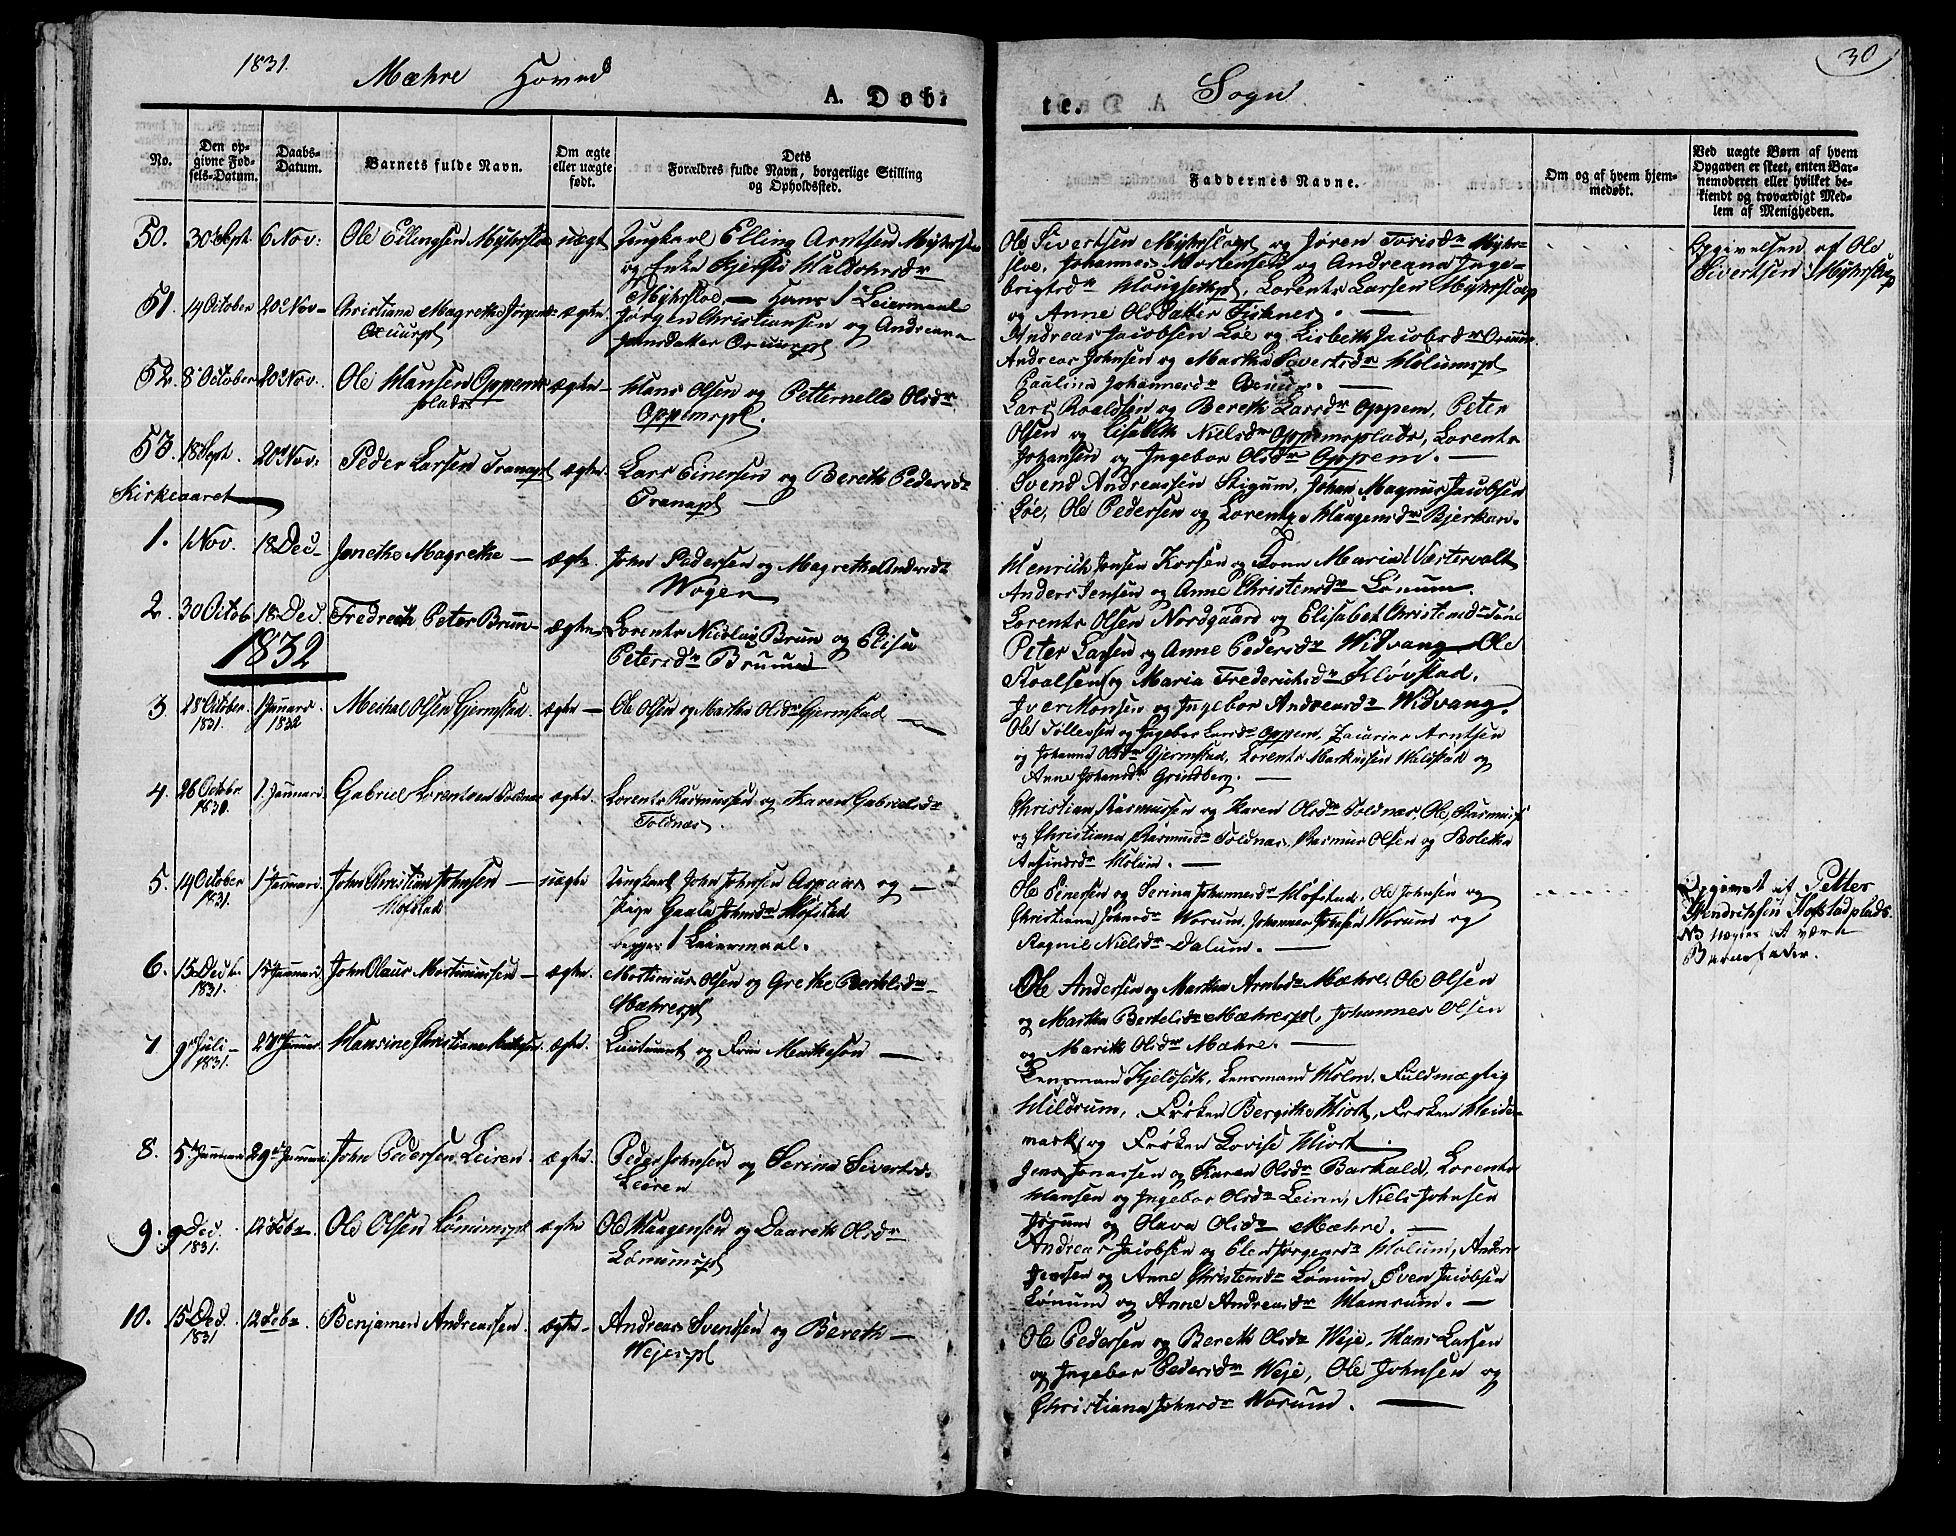 SAT, Ministerialprotokoller, klokkerbøker og fødselsregistre - Nord-Trøndelag, 735/L0336: Ministerialbok nr. 735A05 /1, 1825-1835, s. 30